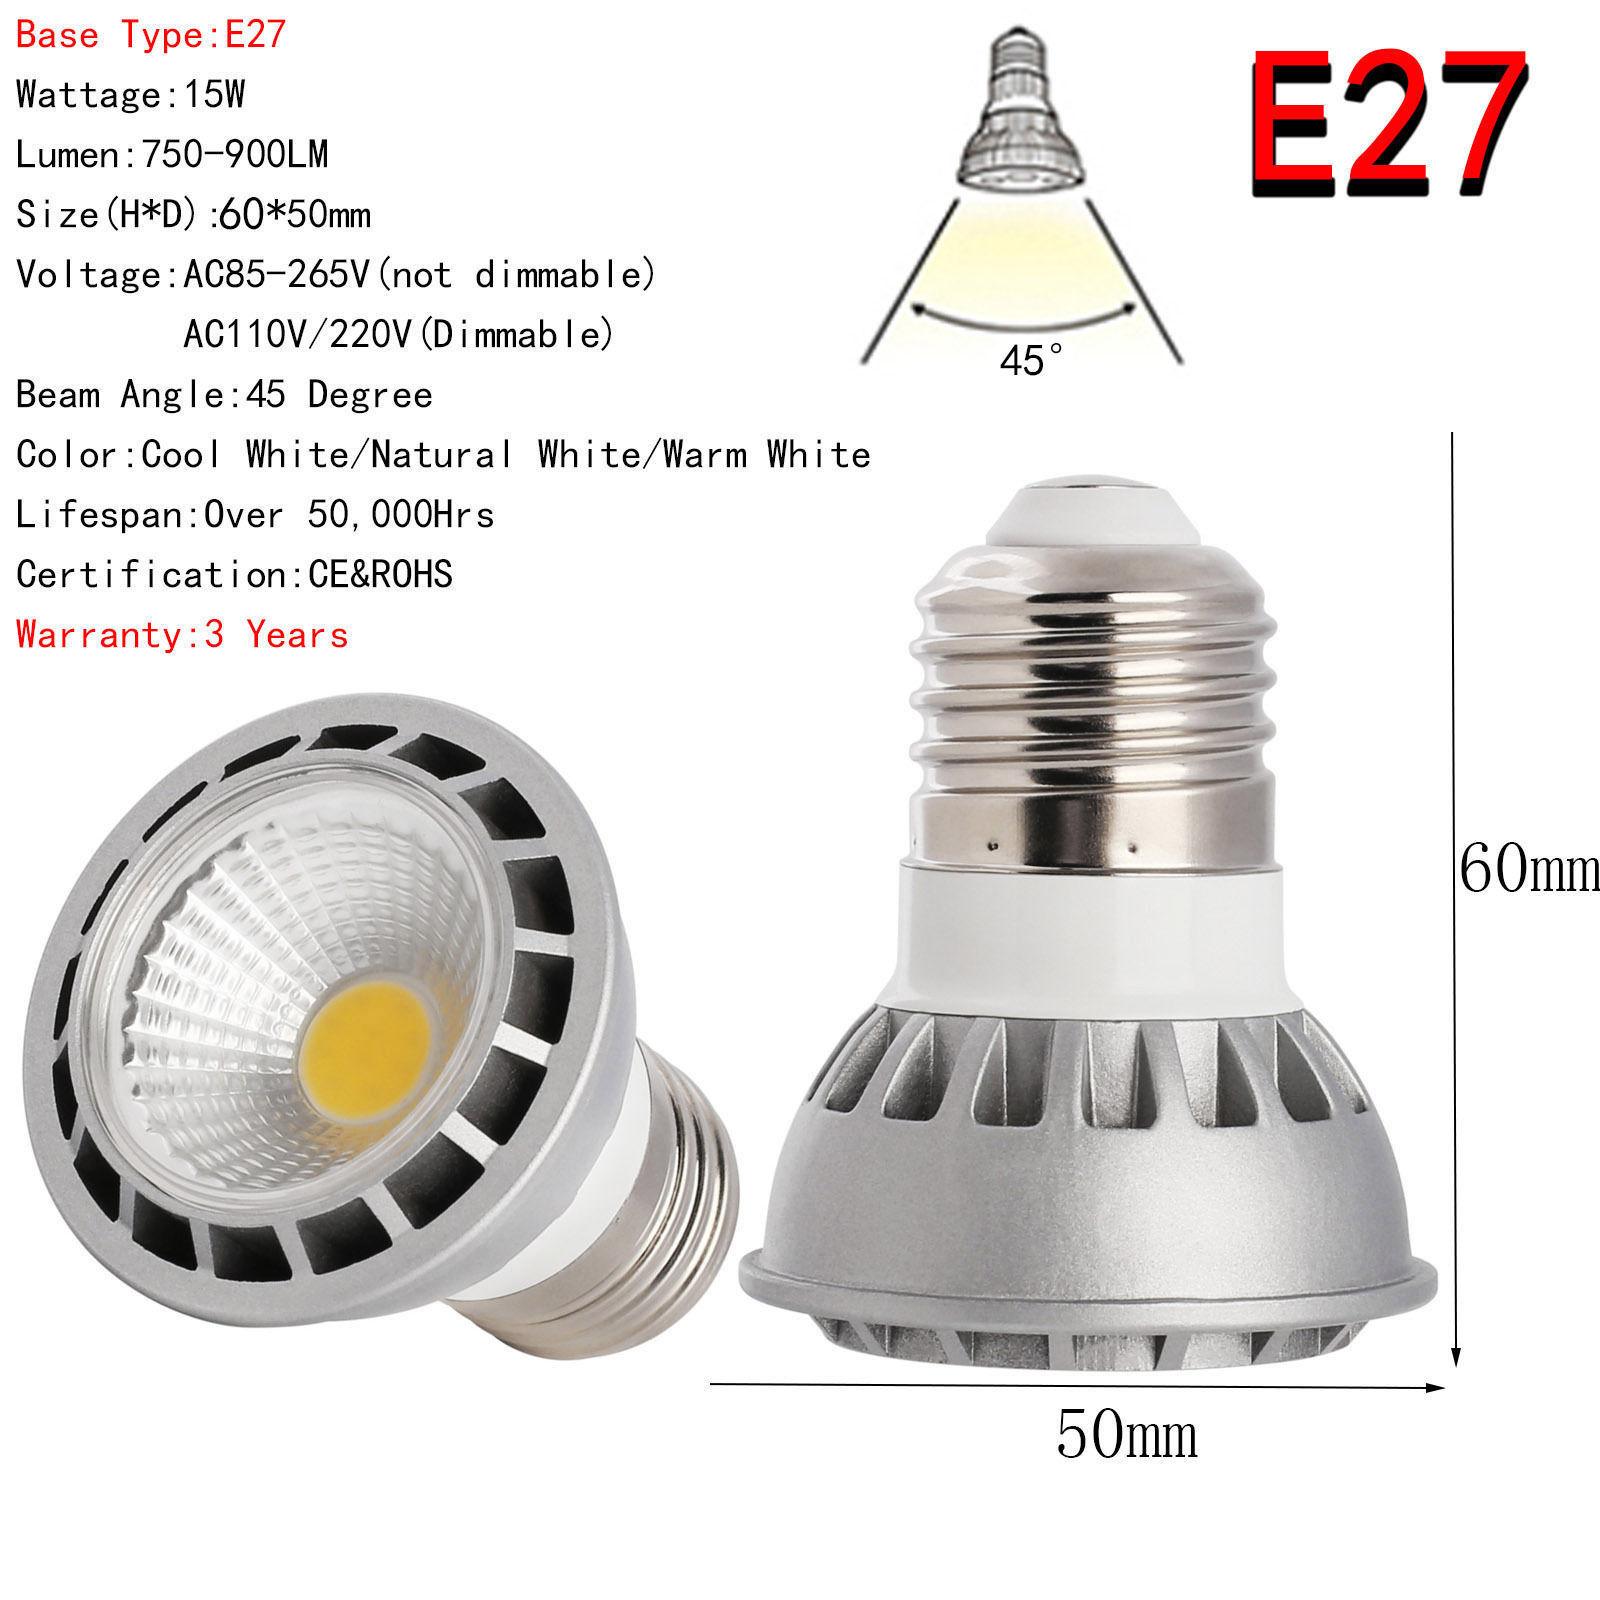 cad9714a-39fc-4931-bb3f-c5633ecffe81 Elegantes Led 5 Watt Gu10 Dekorationen